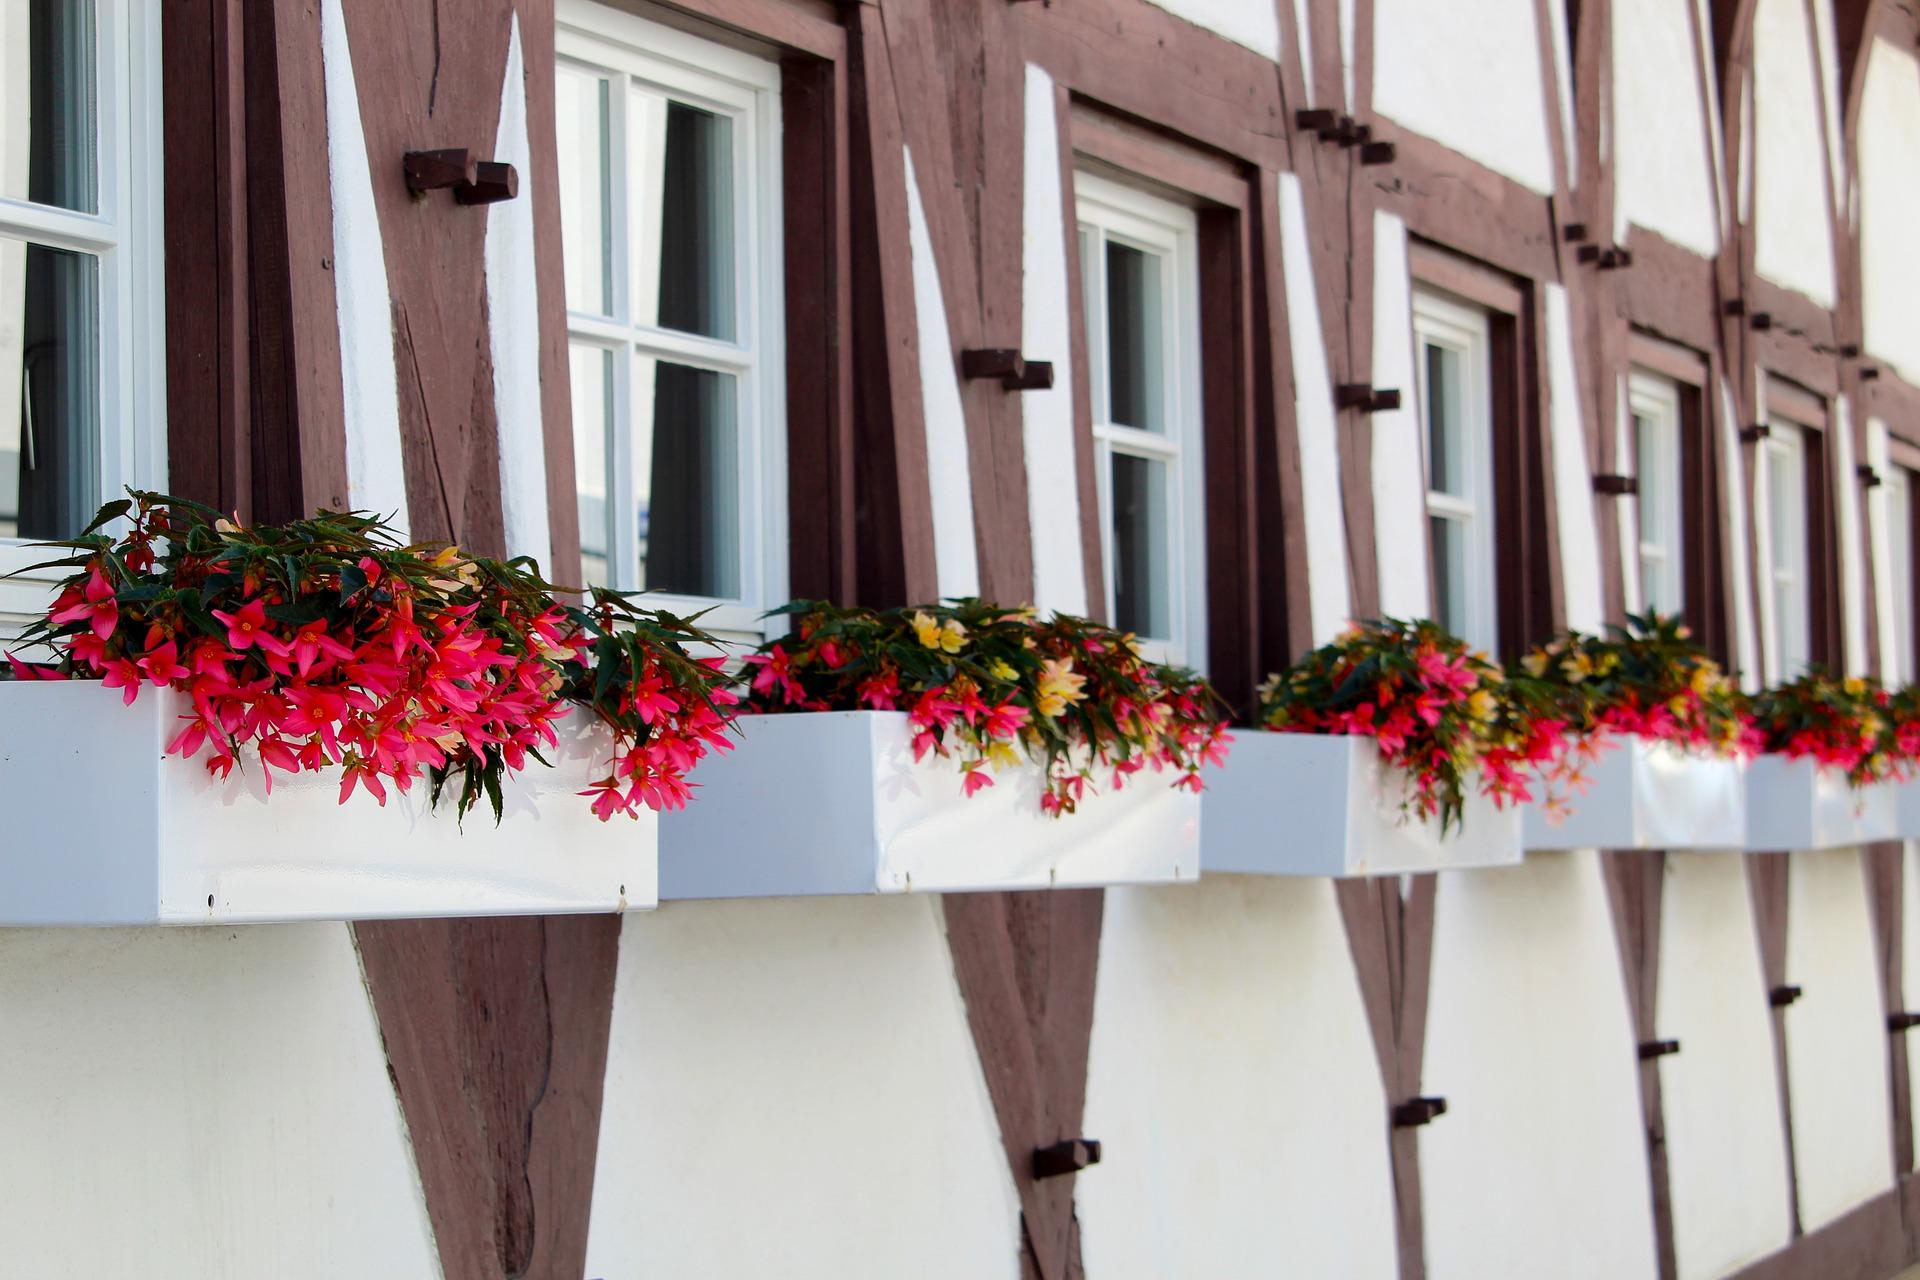 Pflegeheim zu verkaufen in Baden-Württemberg